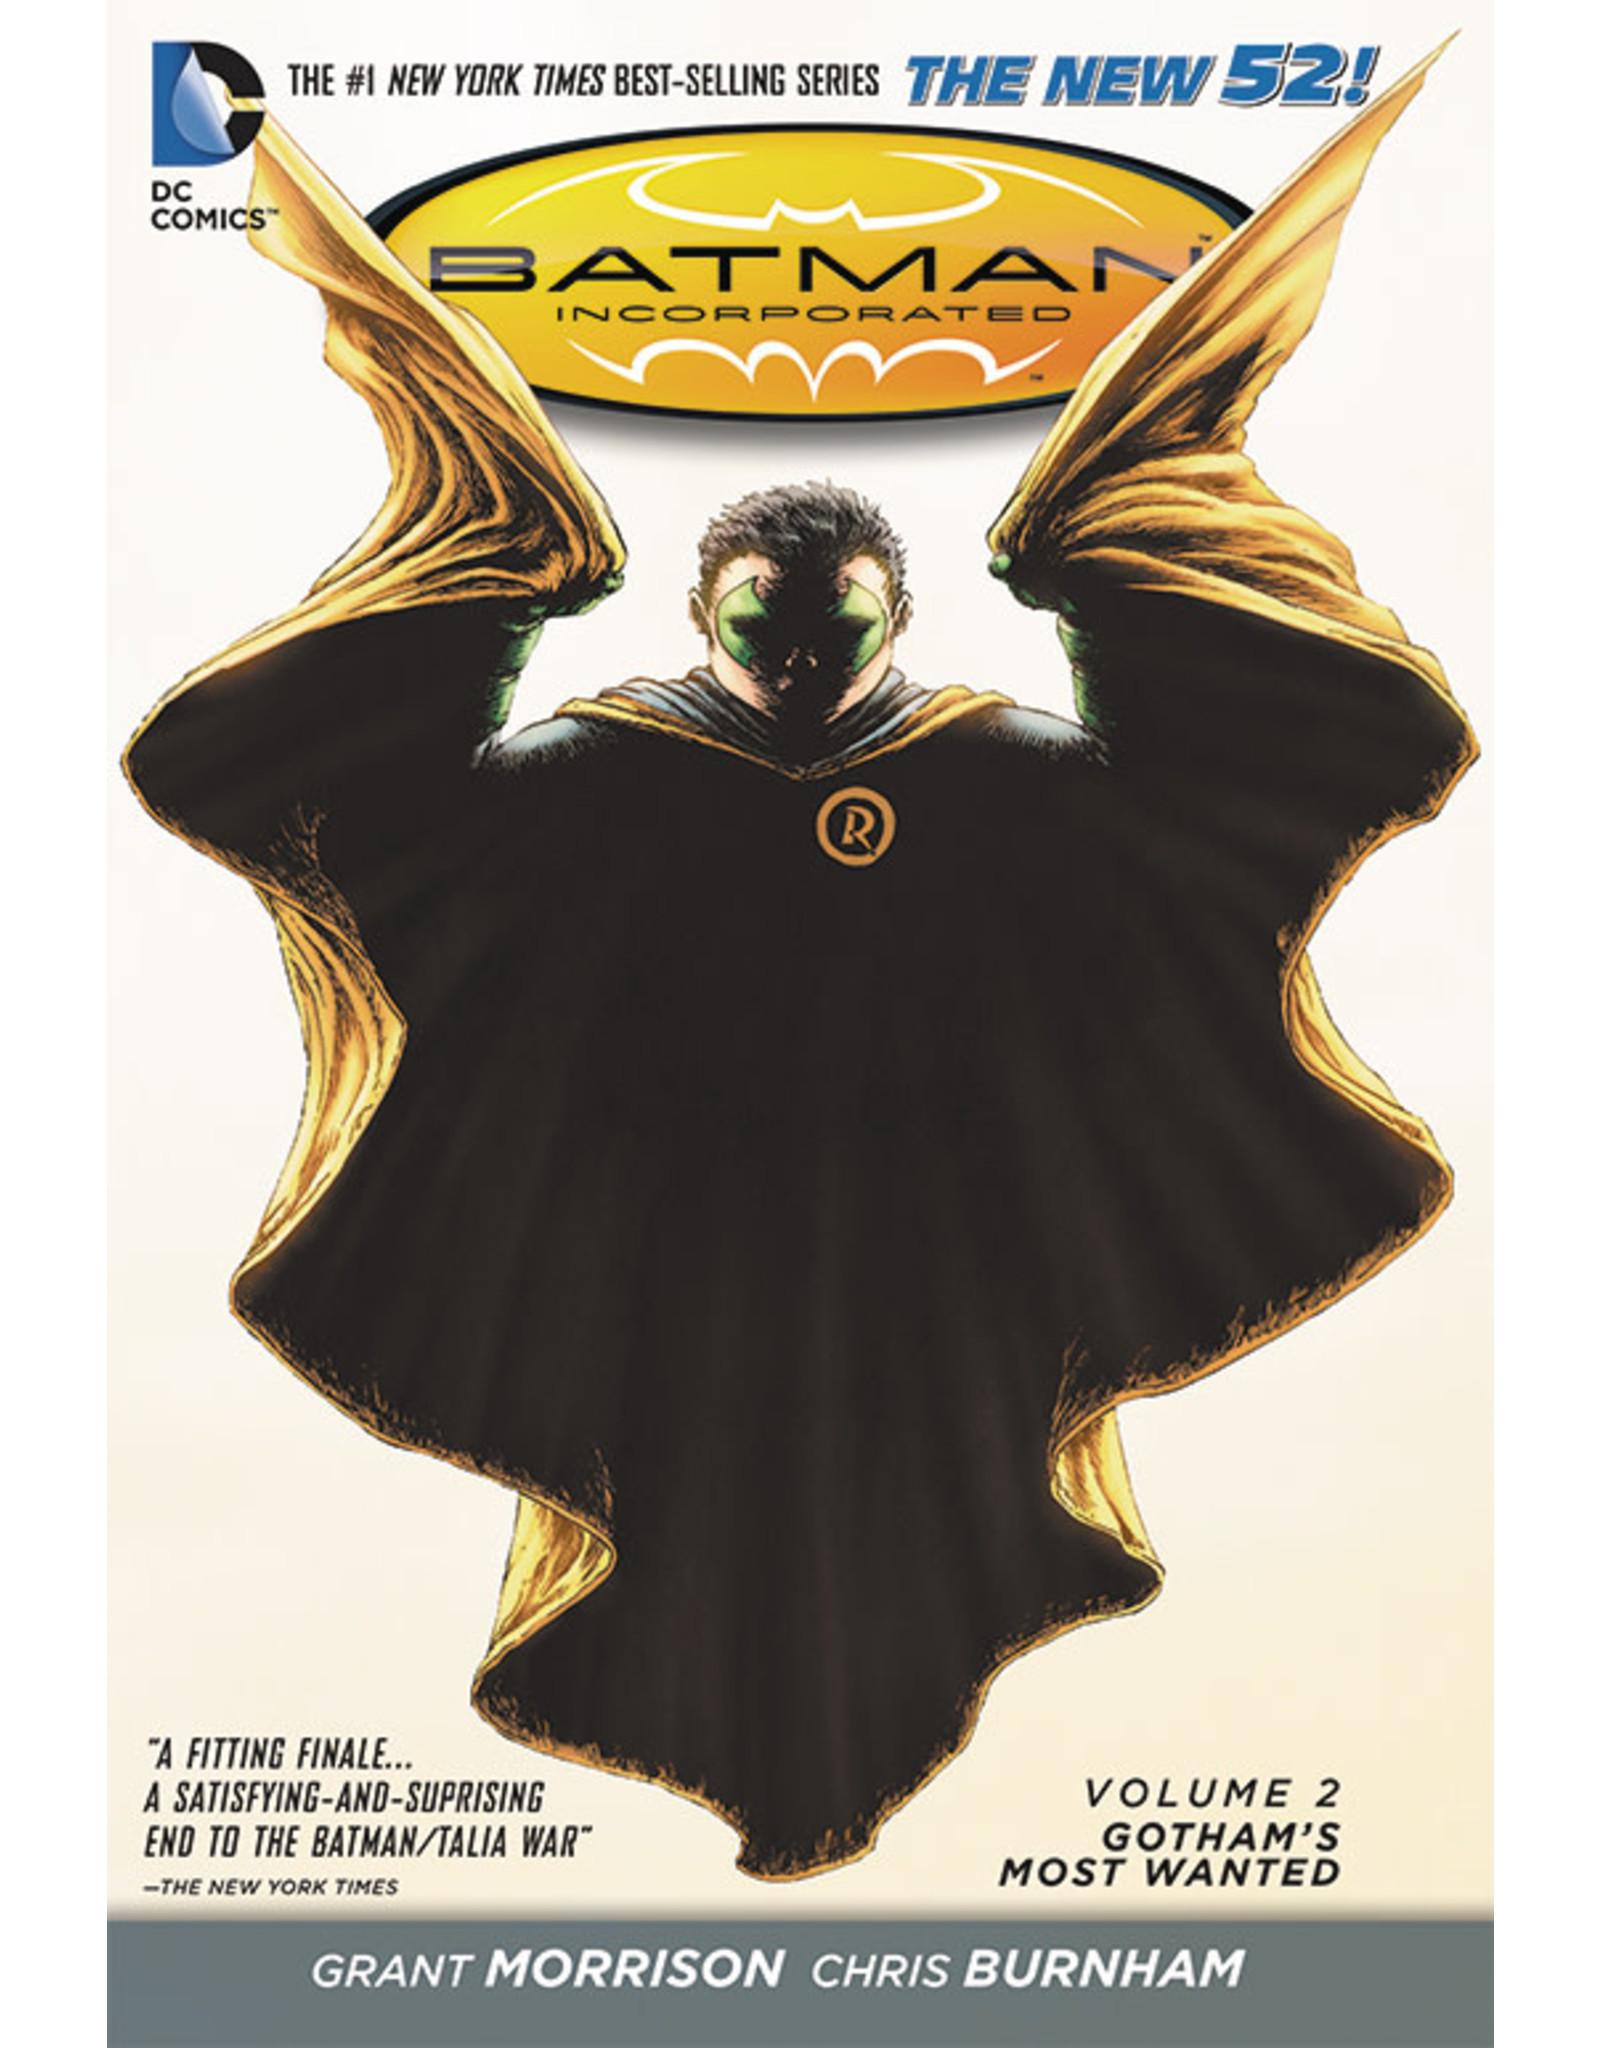 DC COMICS BATMAN INCORPORATED HC VOL 02 GOTHAMS MOST WANTED